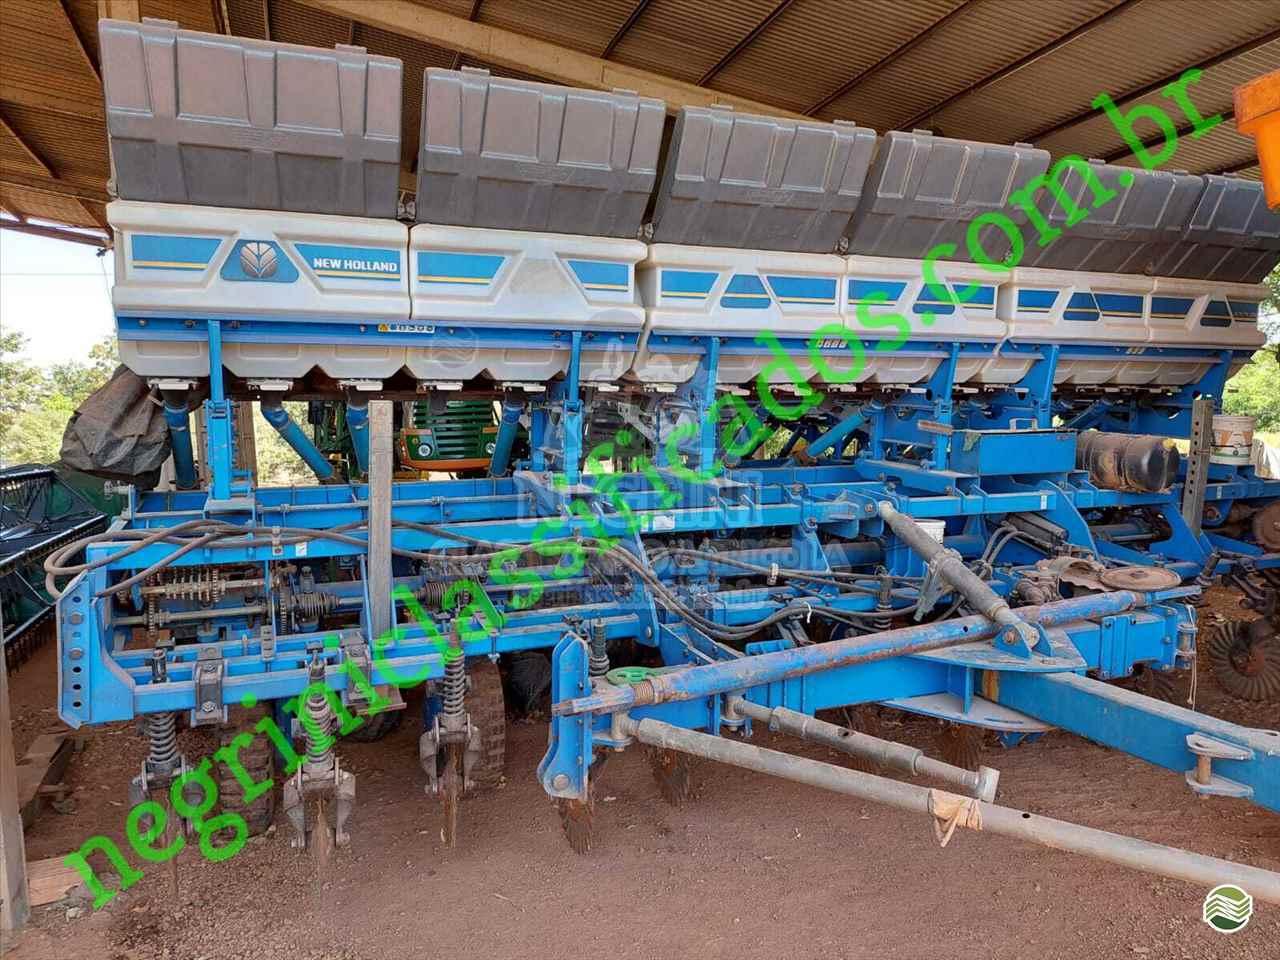 PLANTADEIRA SEMEATO SOLTT FASTFILL 3234 Negrini Plantadeiras FLORESTA PARANÁ PR